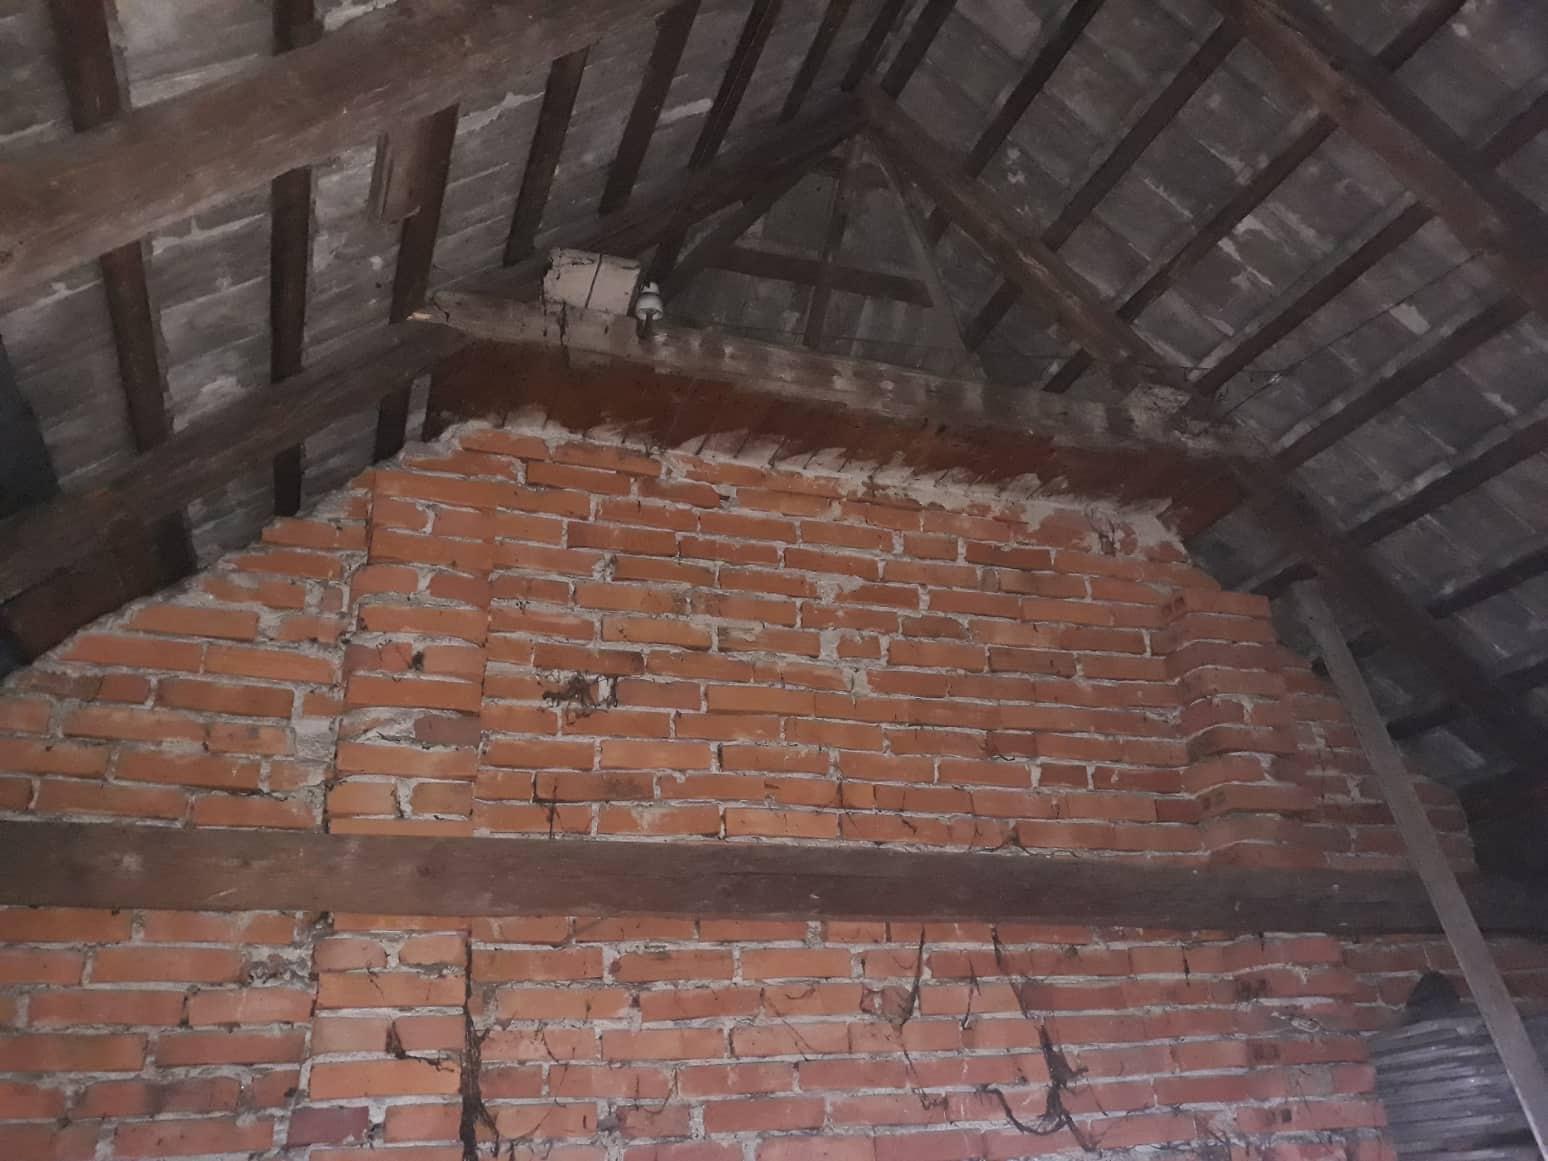 Rekonštrukcia domu-alebo chceme si splniť sen =》🏠🌻🌼🐶  mat domcek a vratit sa na Slovensko - Obrázok č. 40